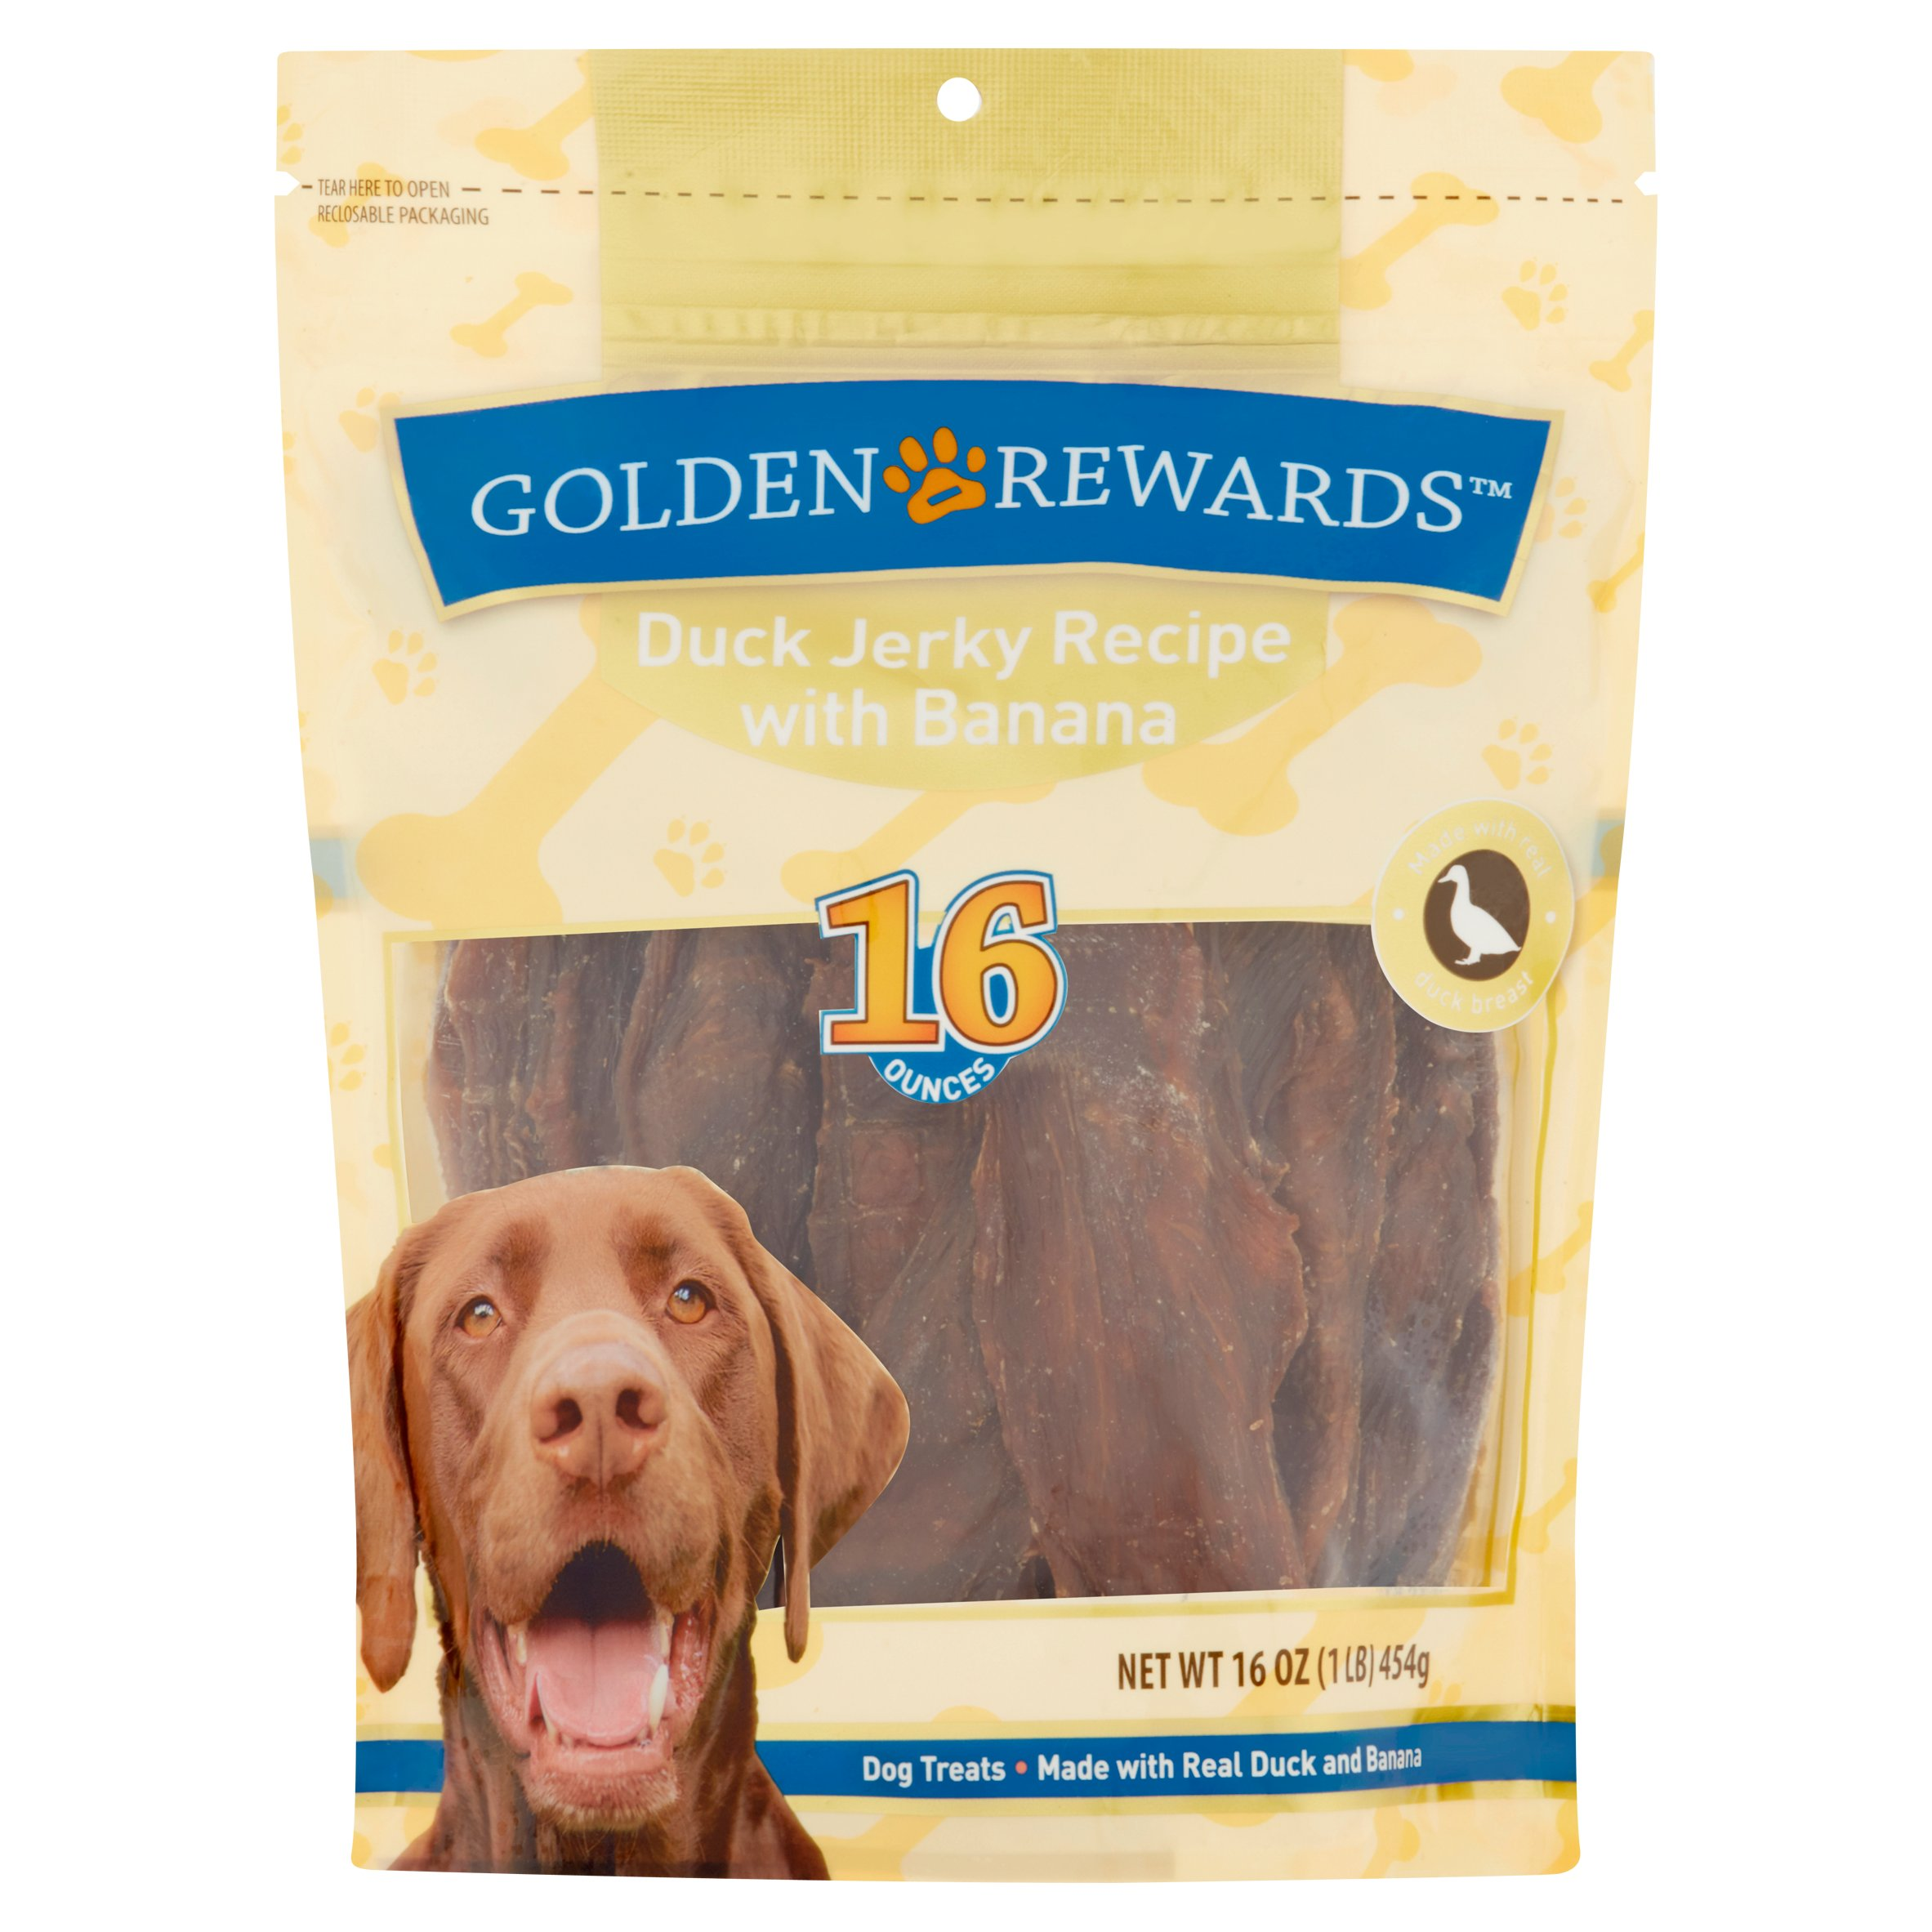 Golden Rewards Duck Jerky Recipe with Banana Dog Treats, 16 Oz